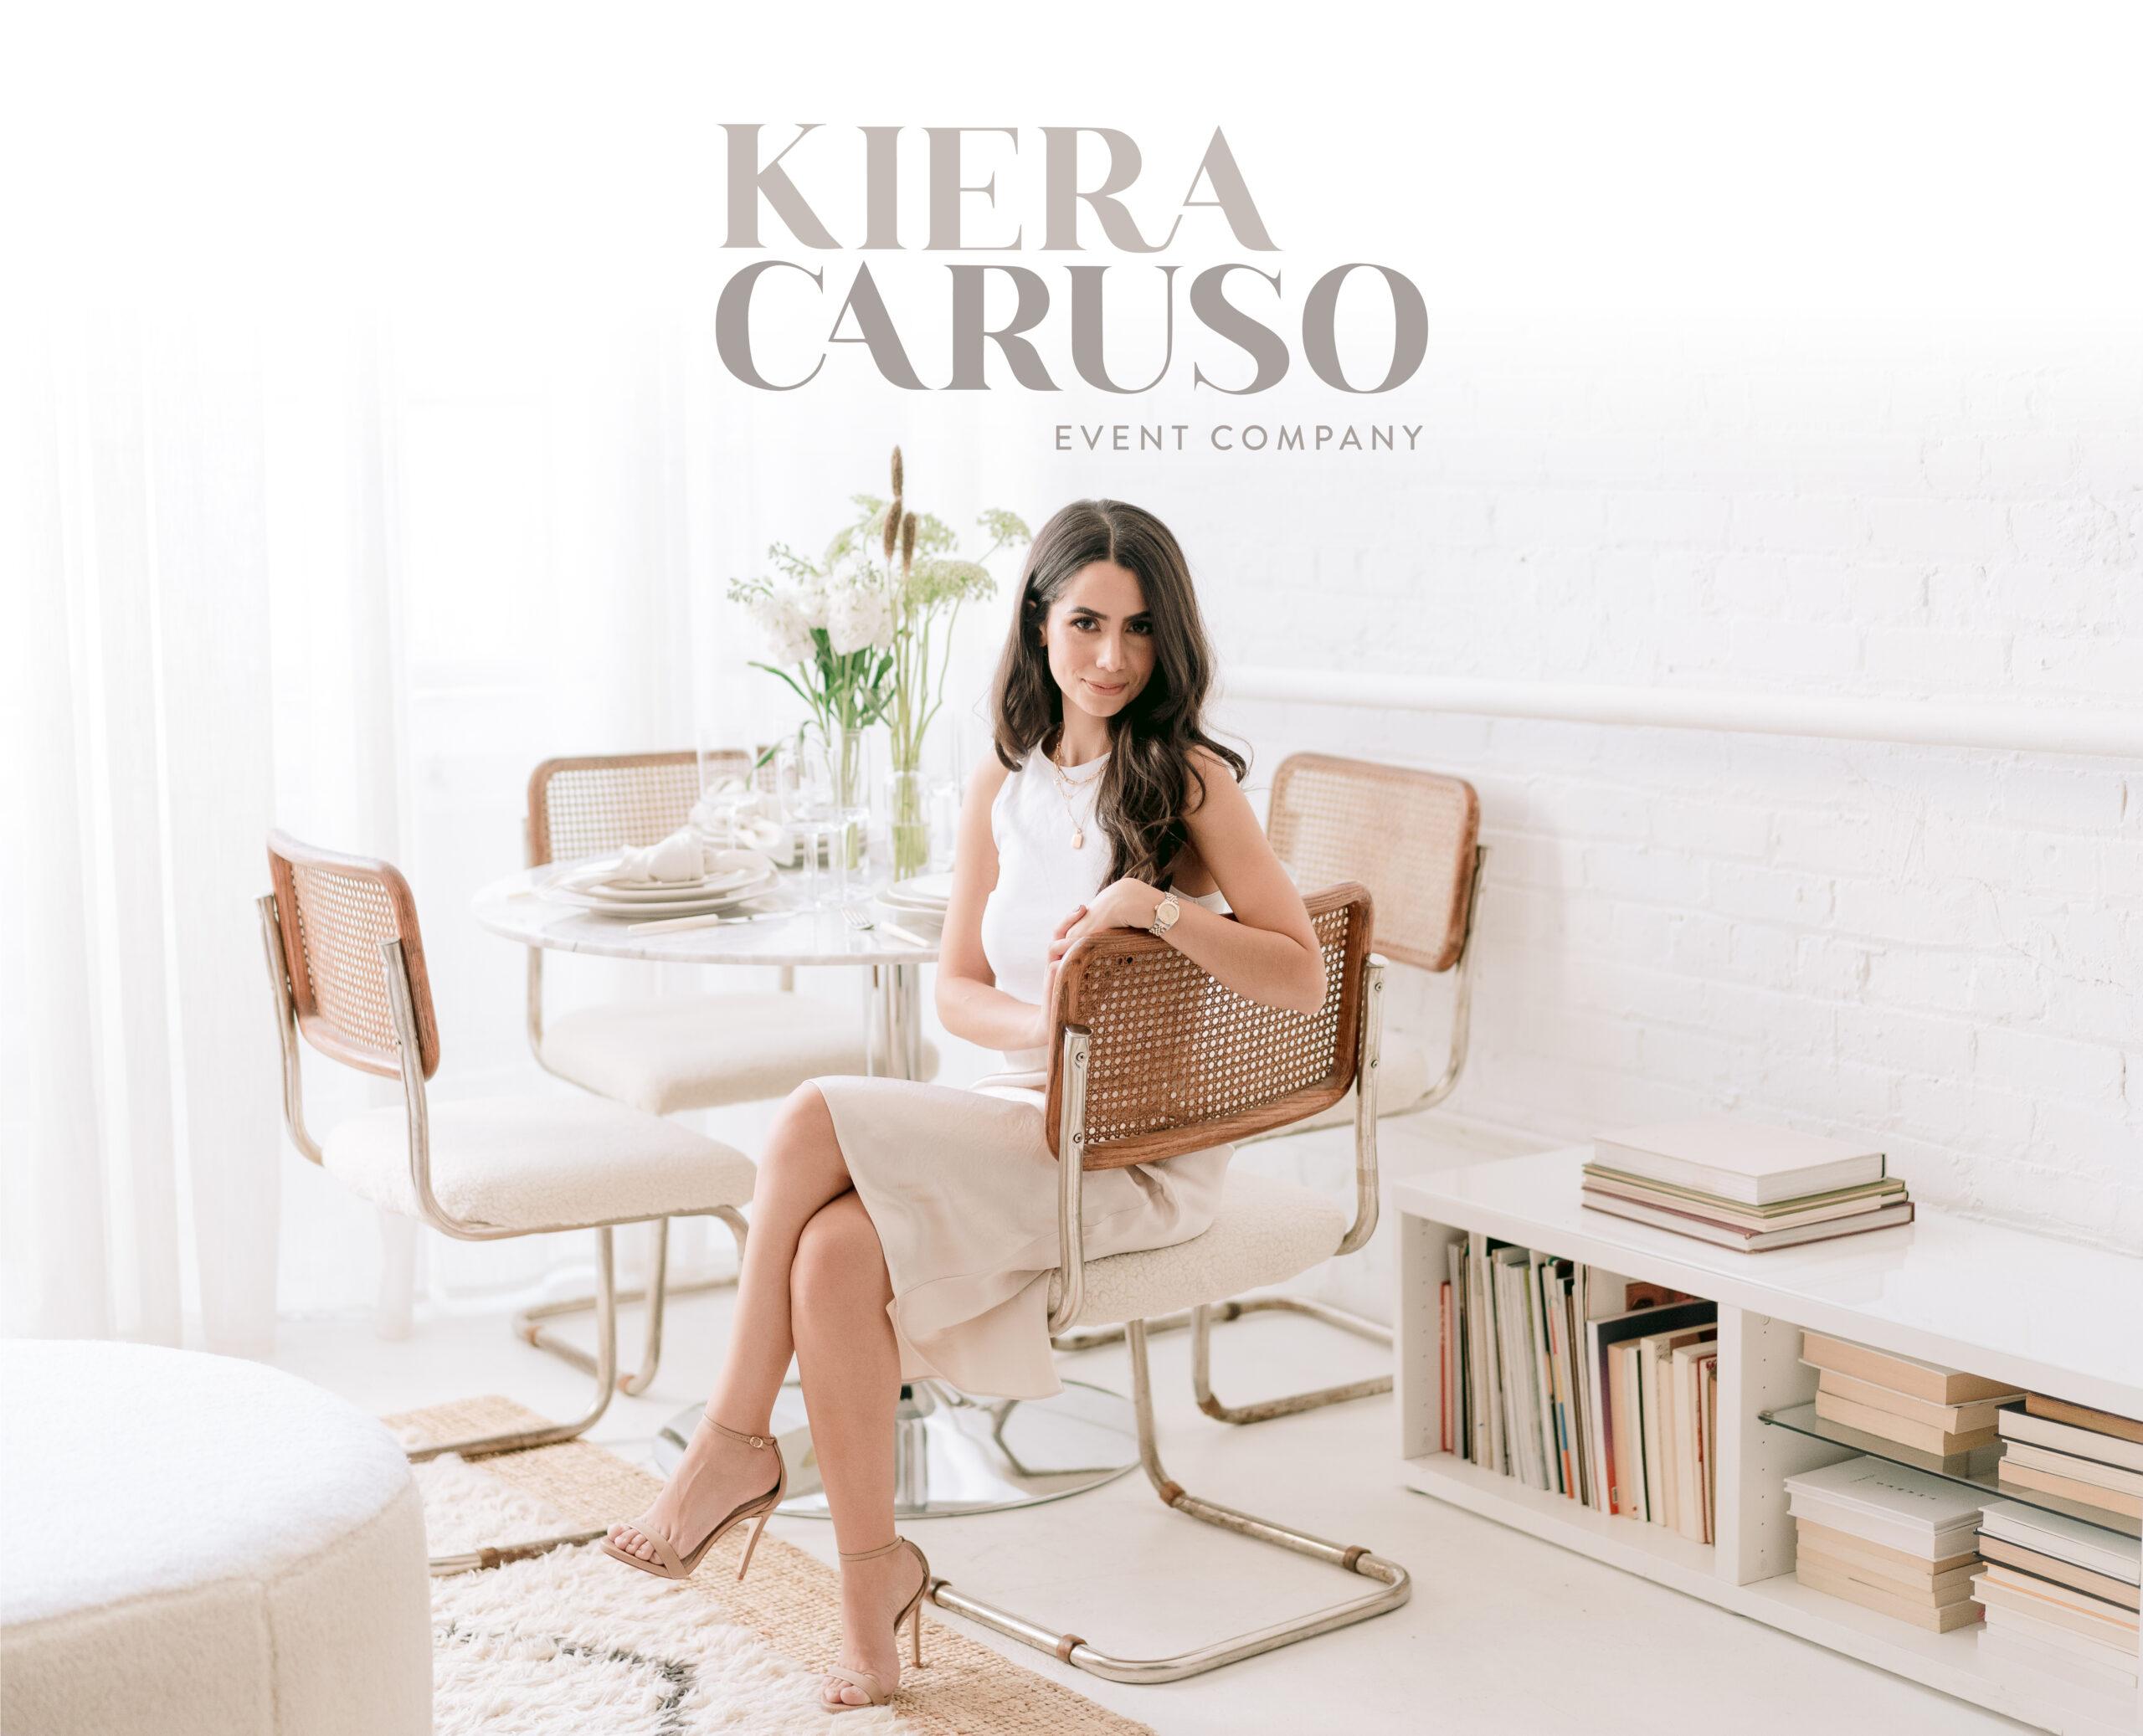 Kiera Caruso Event Co.